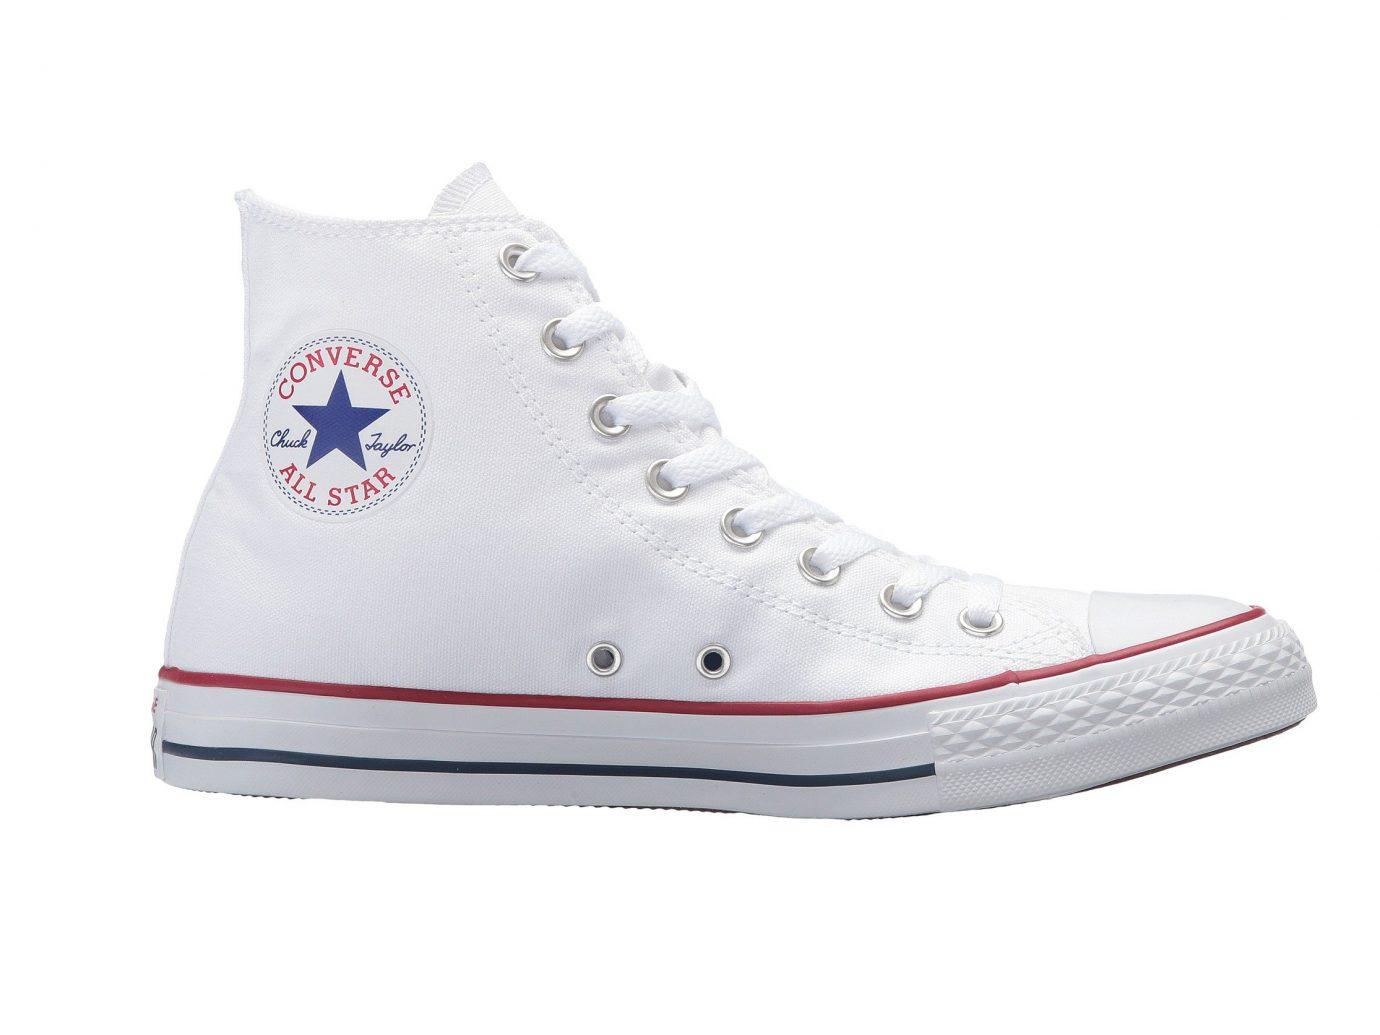 Converse Chuck Taylor All Star Hi Tops